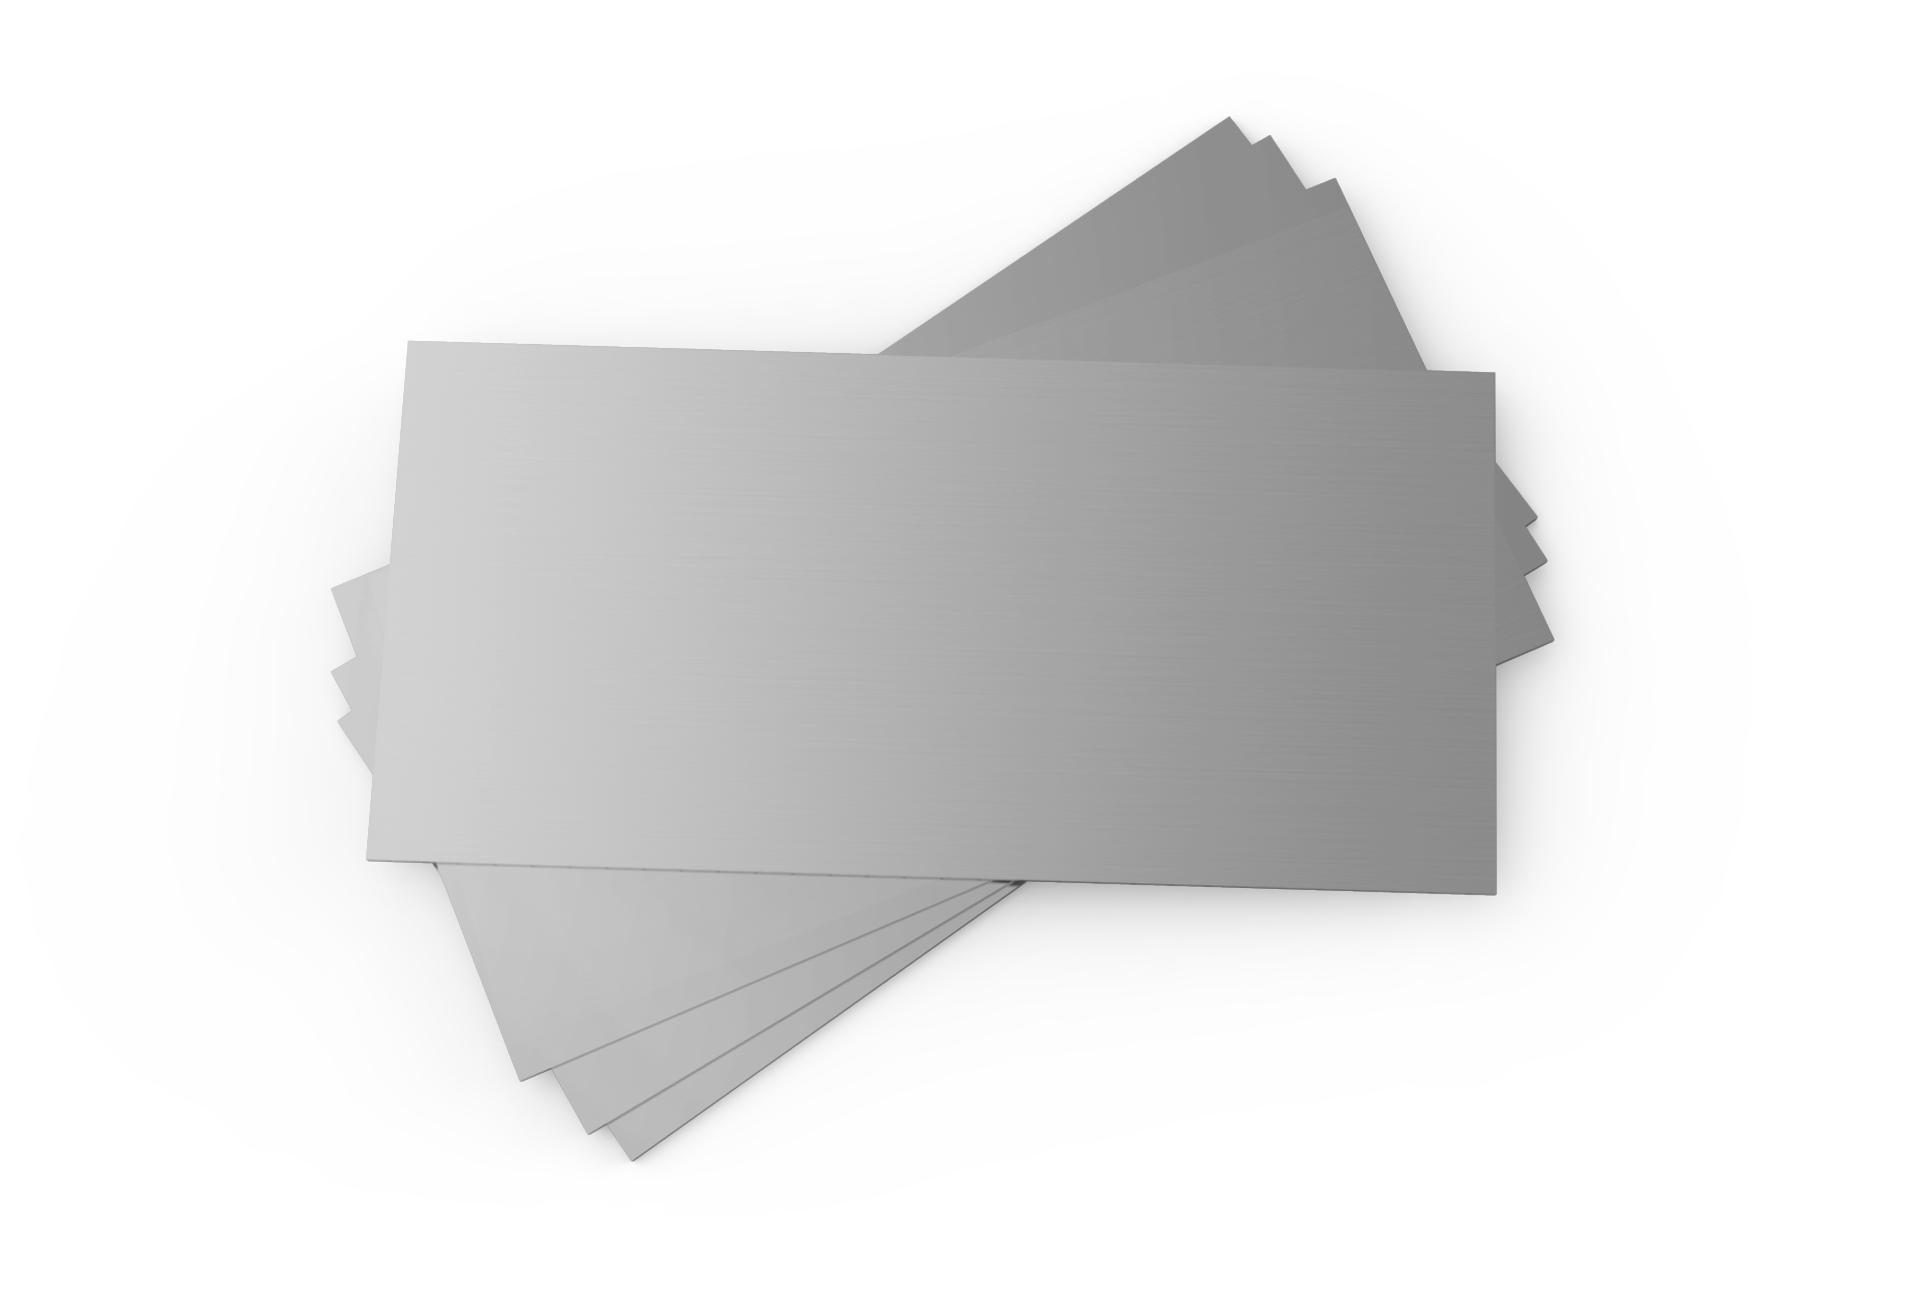 Lanthanated Molybdenum Sheet